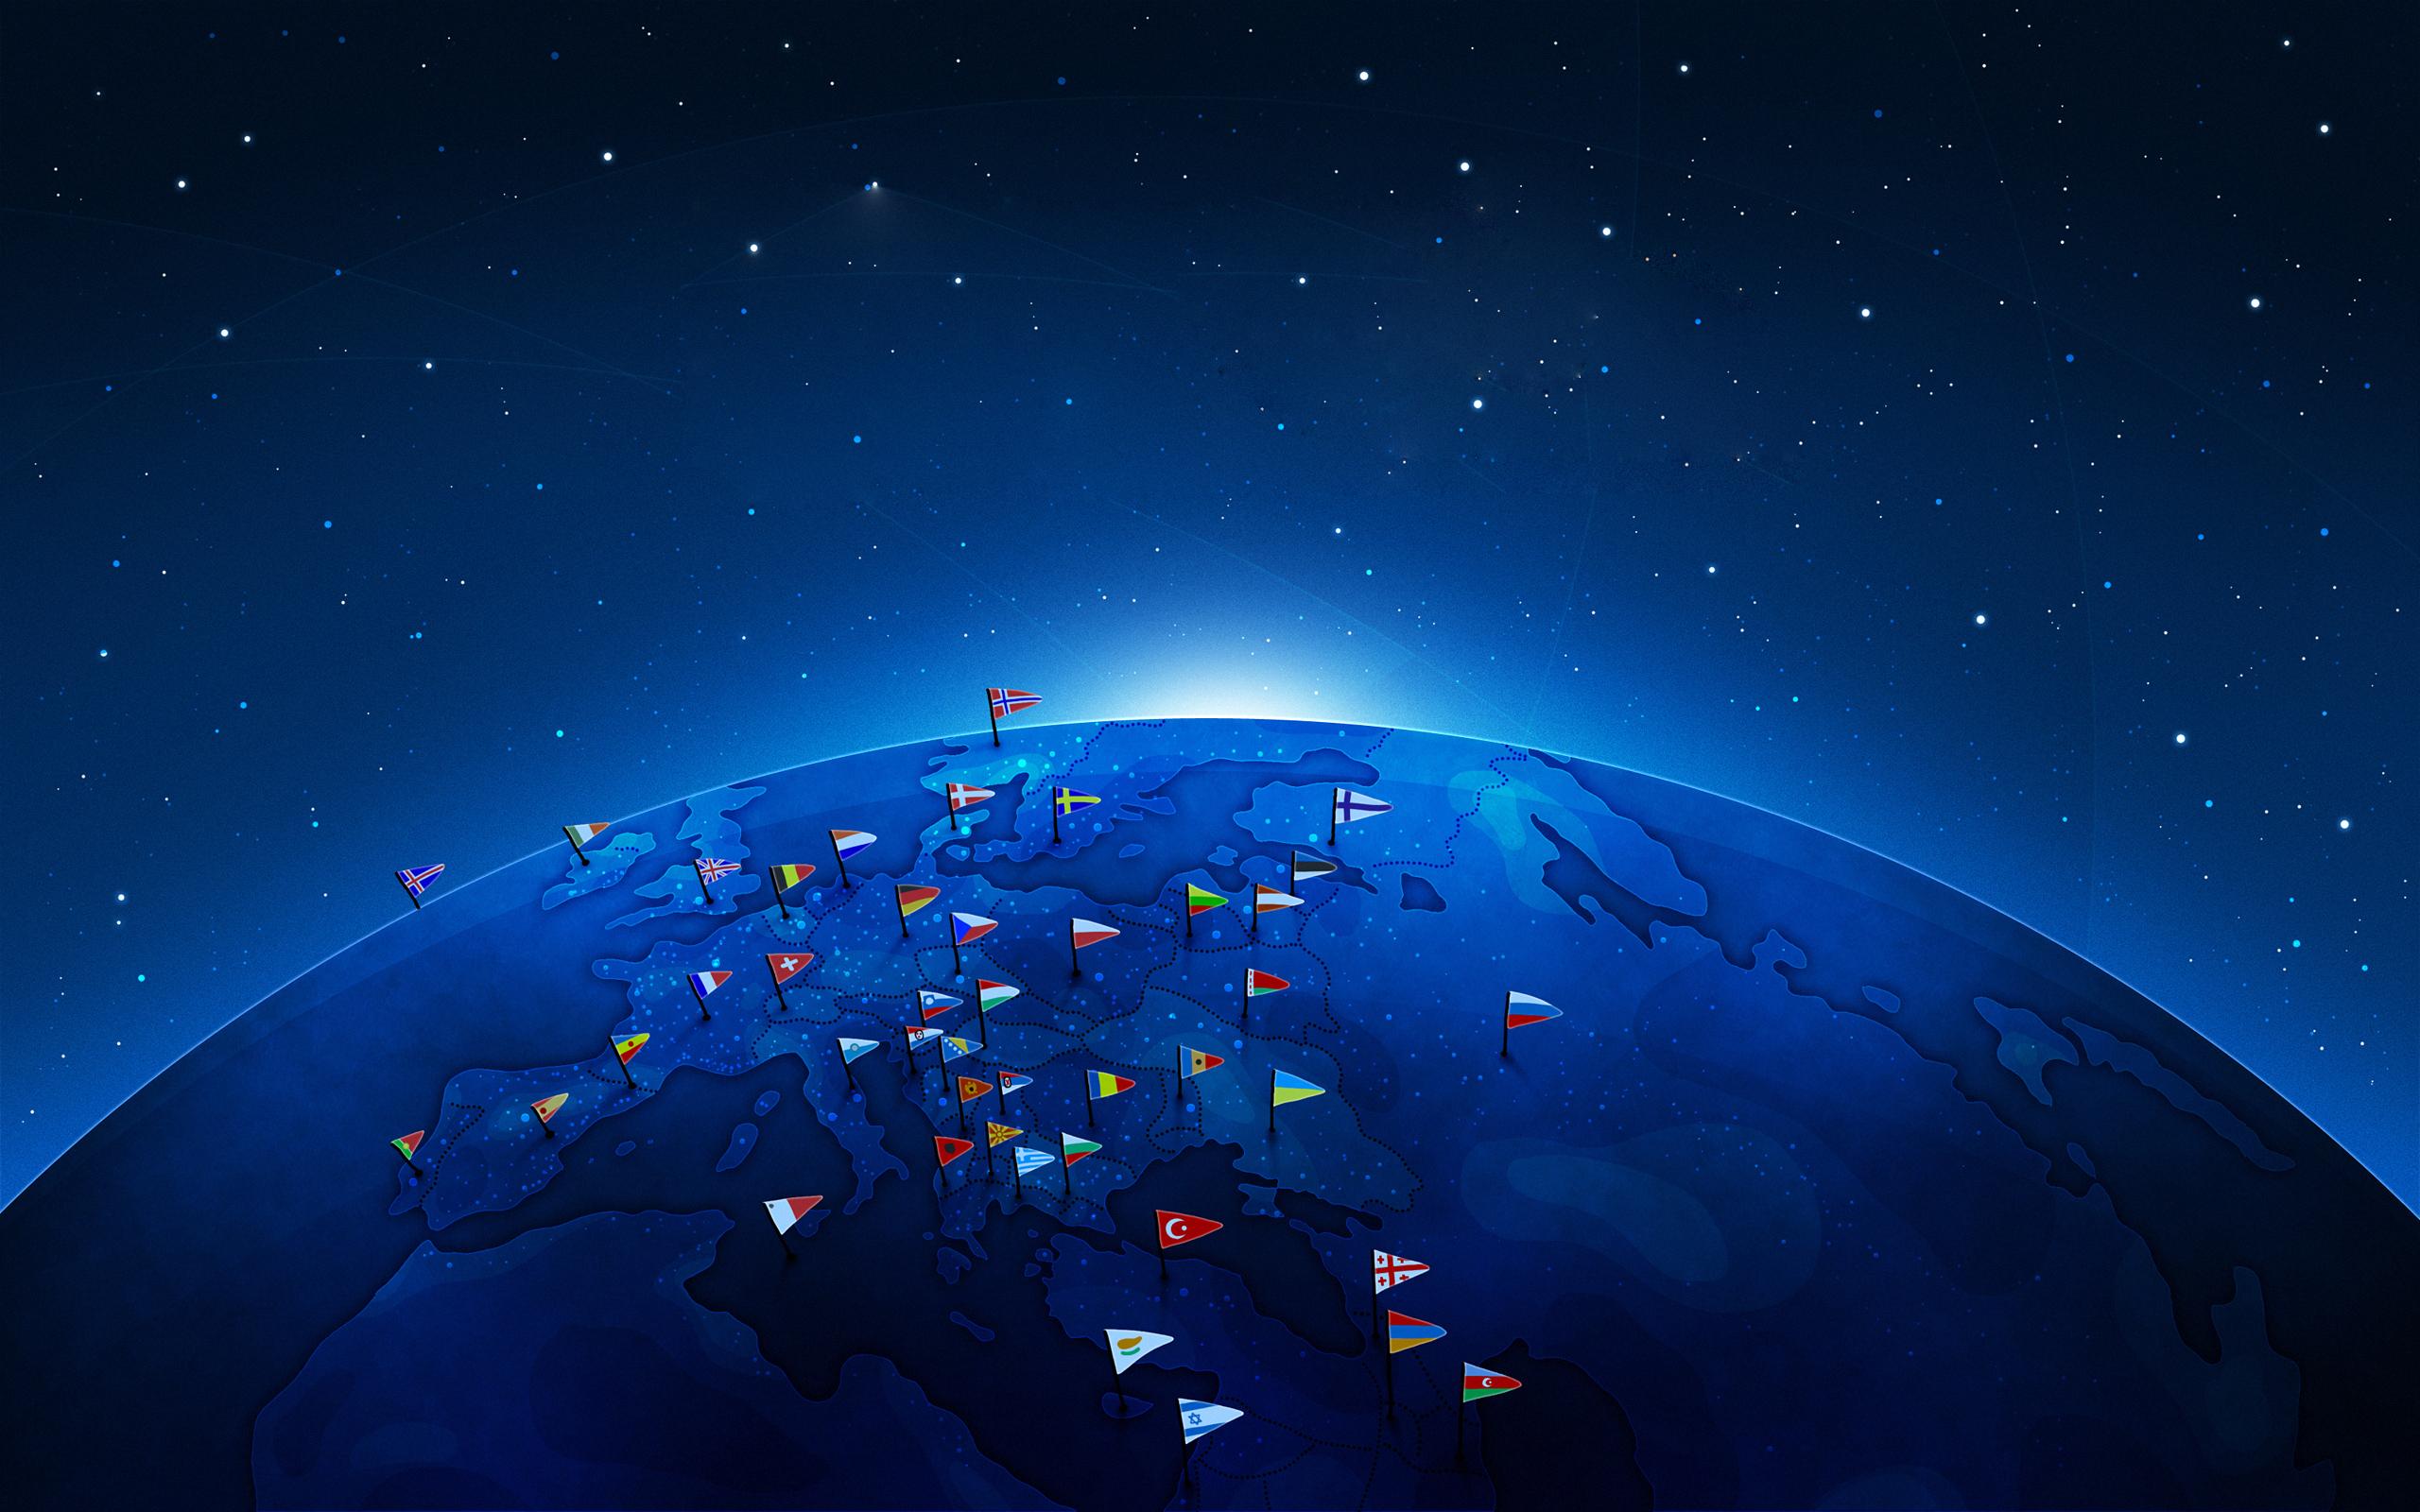 星空 地图背景图|ui|闪屏/壁纸|雪山彩虹 - 原创作品图片